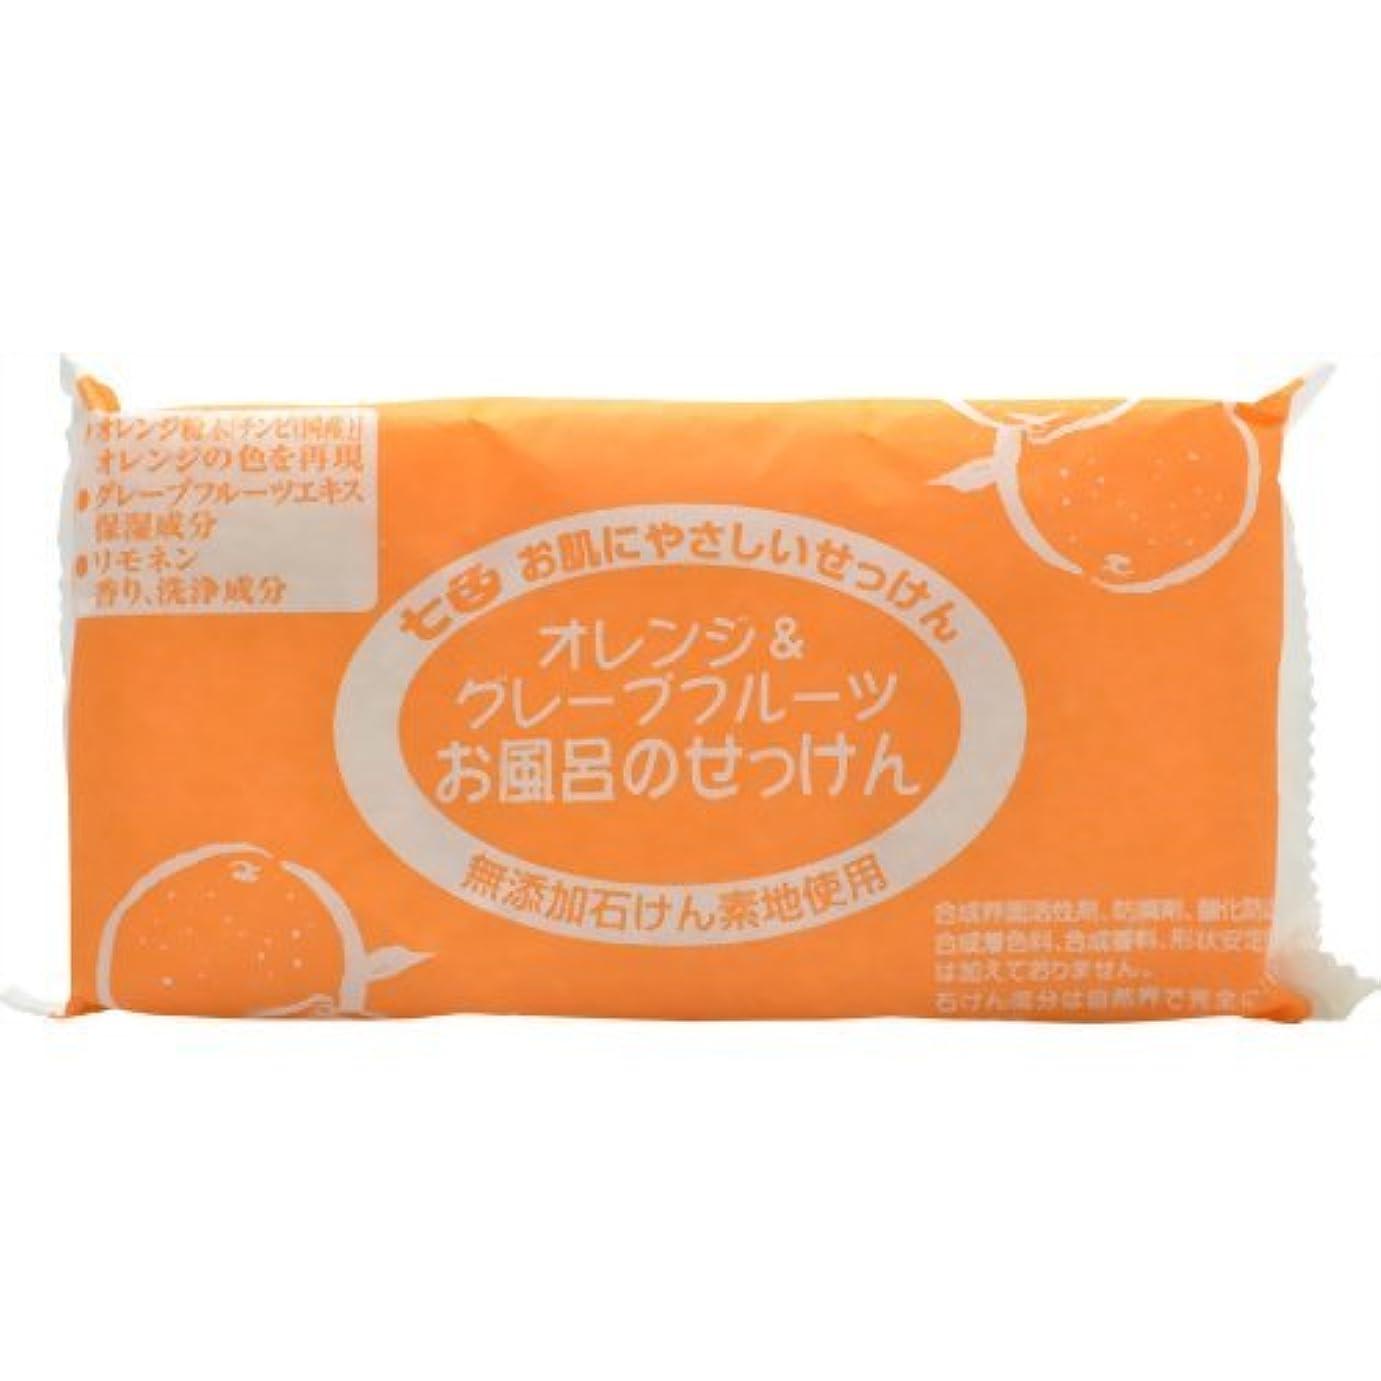 特異性不道徳脚本まるは オレンジ&グレープフルーツ お風呂の石鹸 3個入り